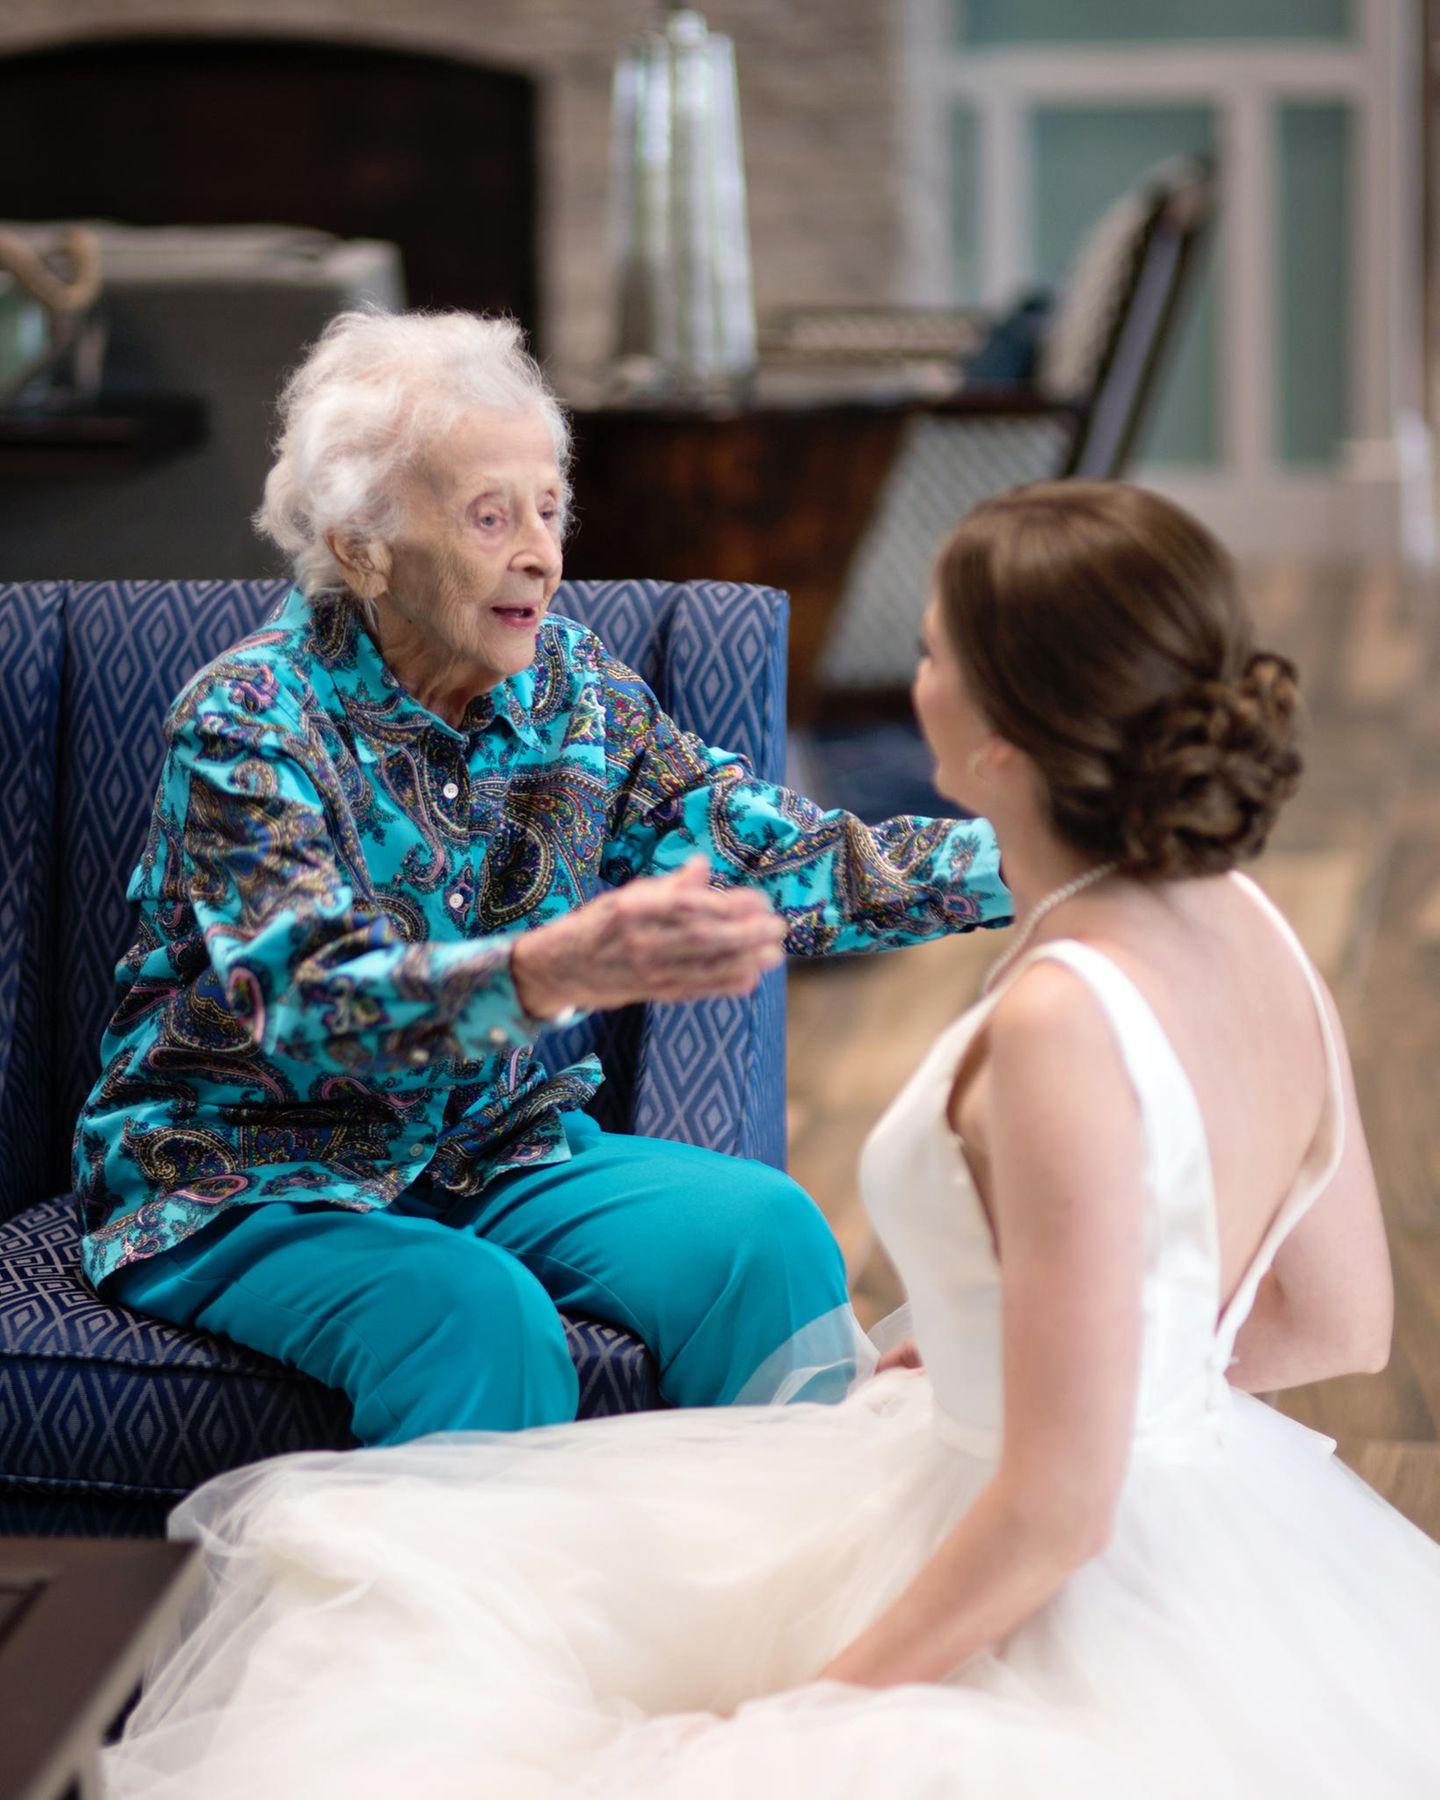 Letzter Wunsch: Braut besucht ihre Oma im Hochzeitskleid